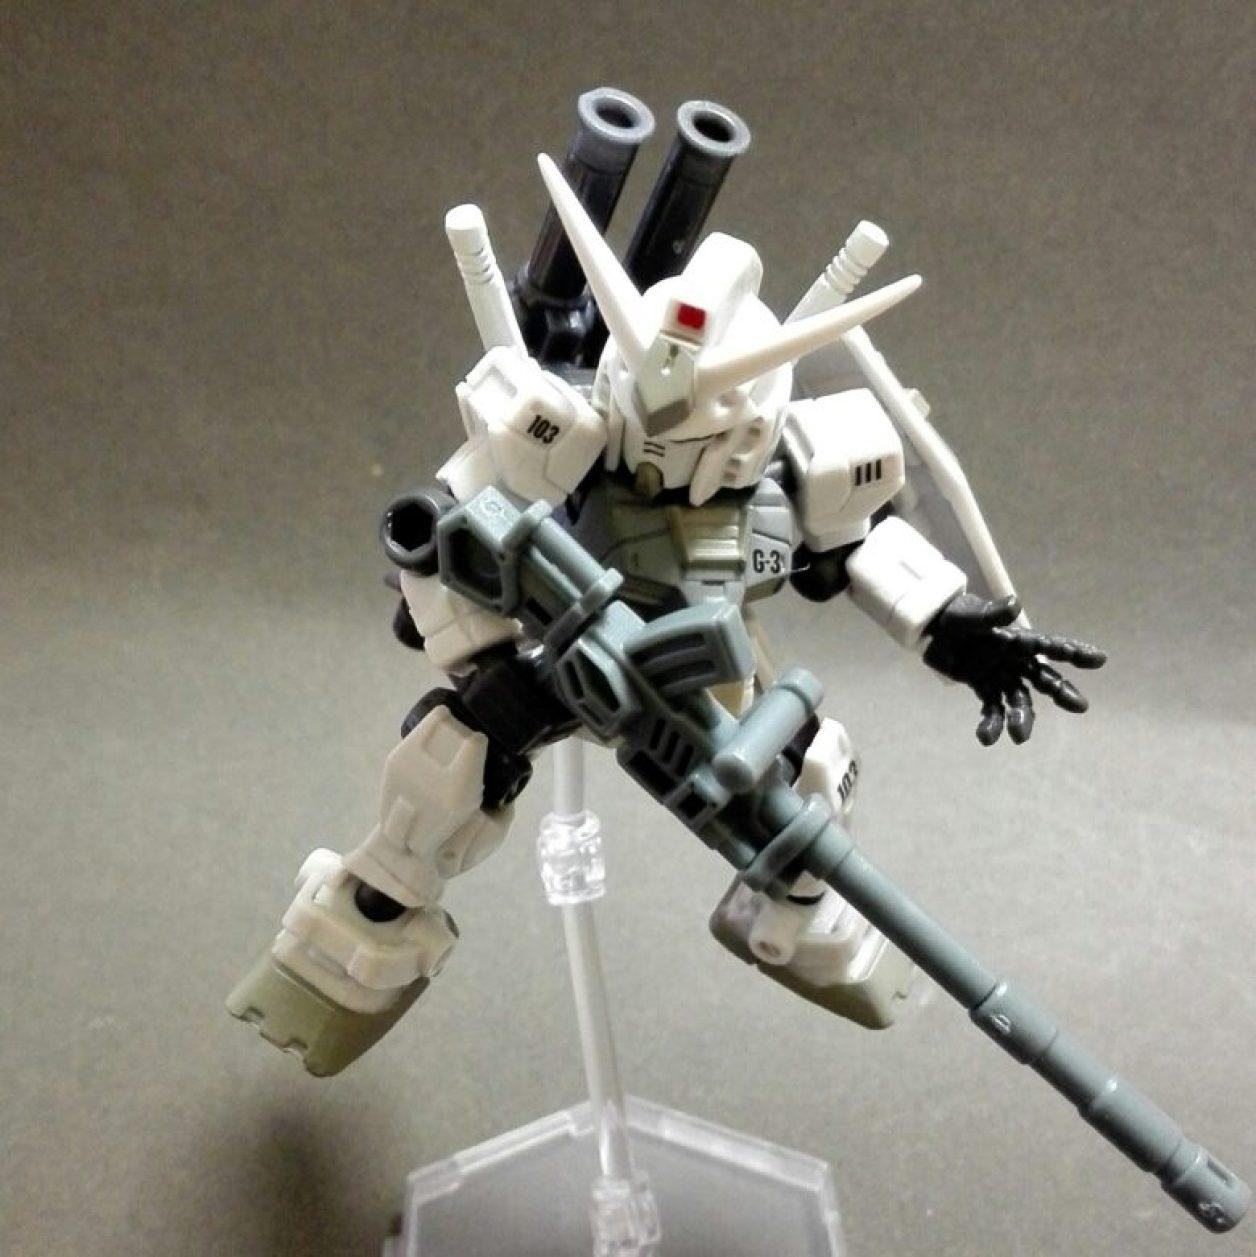 MOBILE SUIT ENSEMBLE(モビルスーツアンサンブル)1.5弾のガンダム(G3)と09弾武器セットの180mmキャノン砲の組み合わせの画像